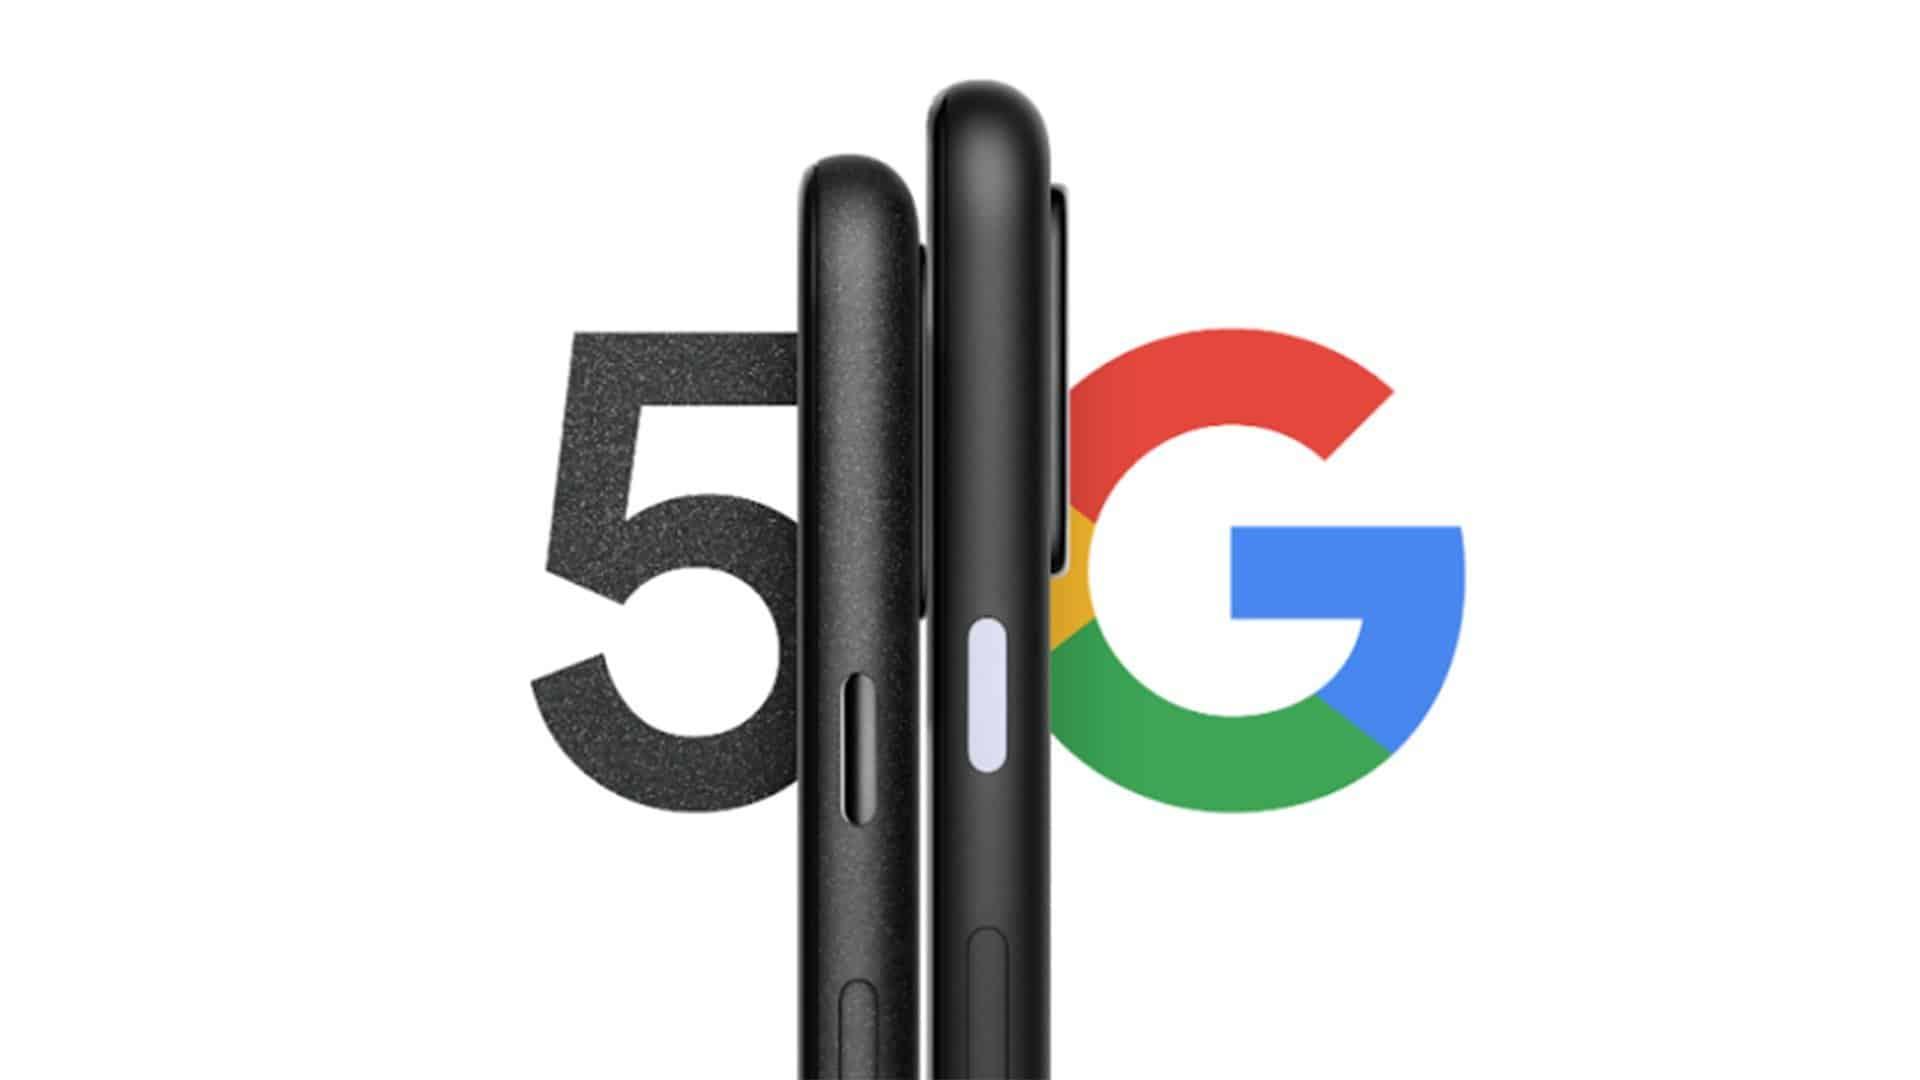 Google Pixel 4a Tanıtıldı! İşte Detaylar